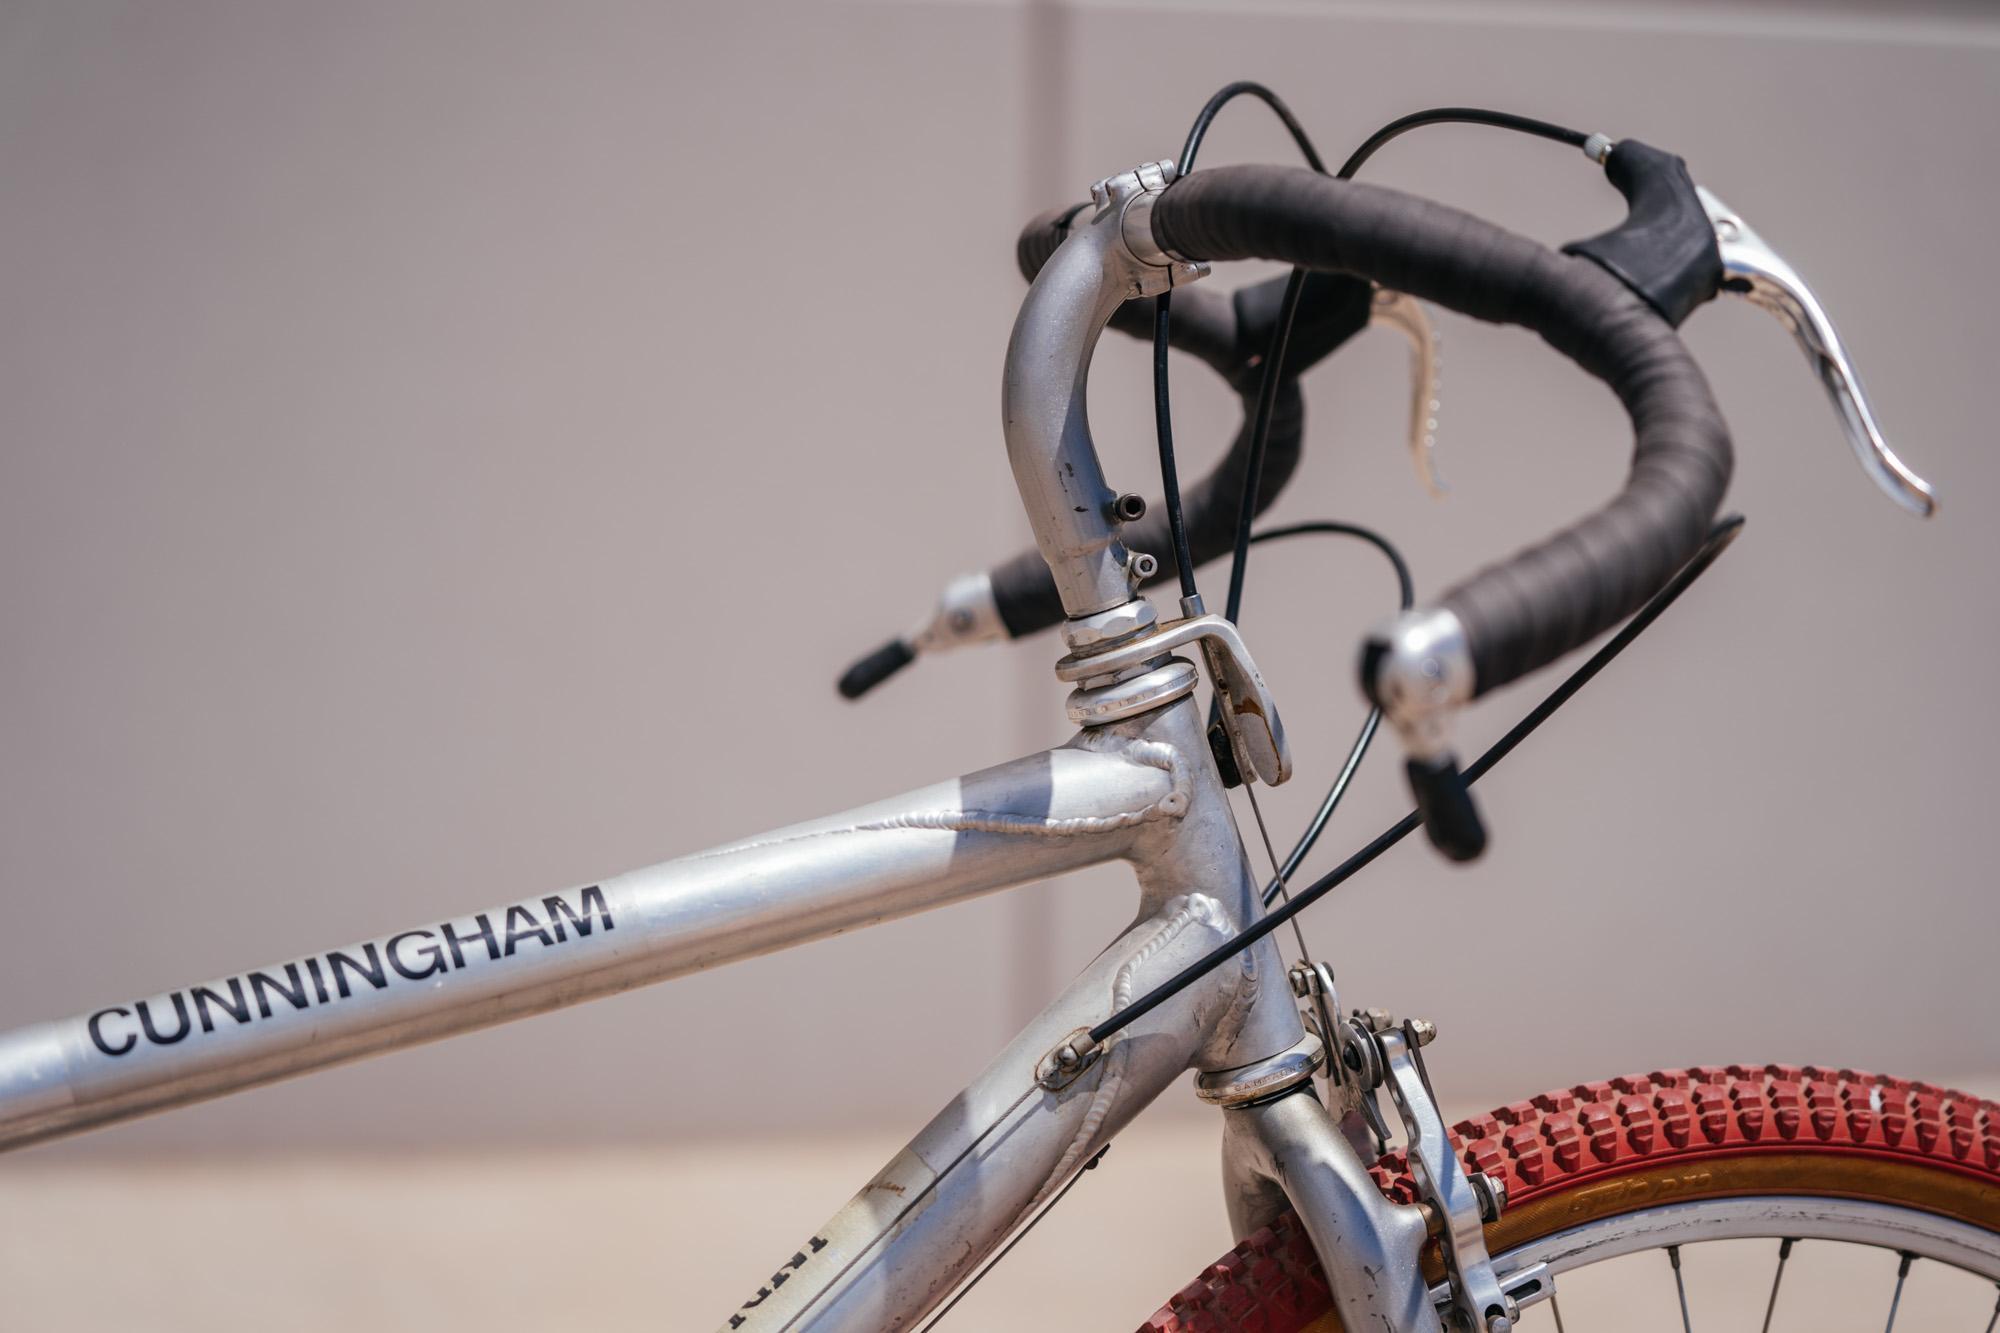 #29 Cunningham - A 1983 Replica of Jacquie Phelan's